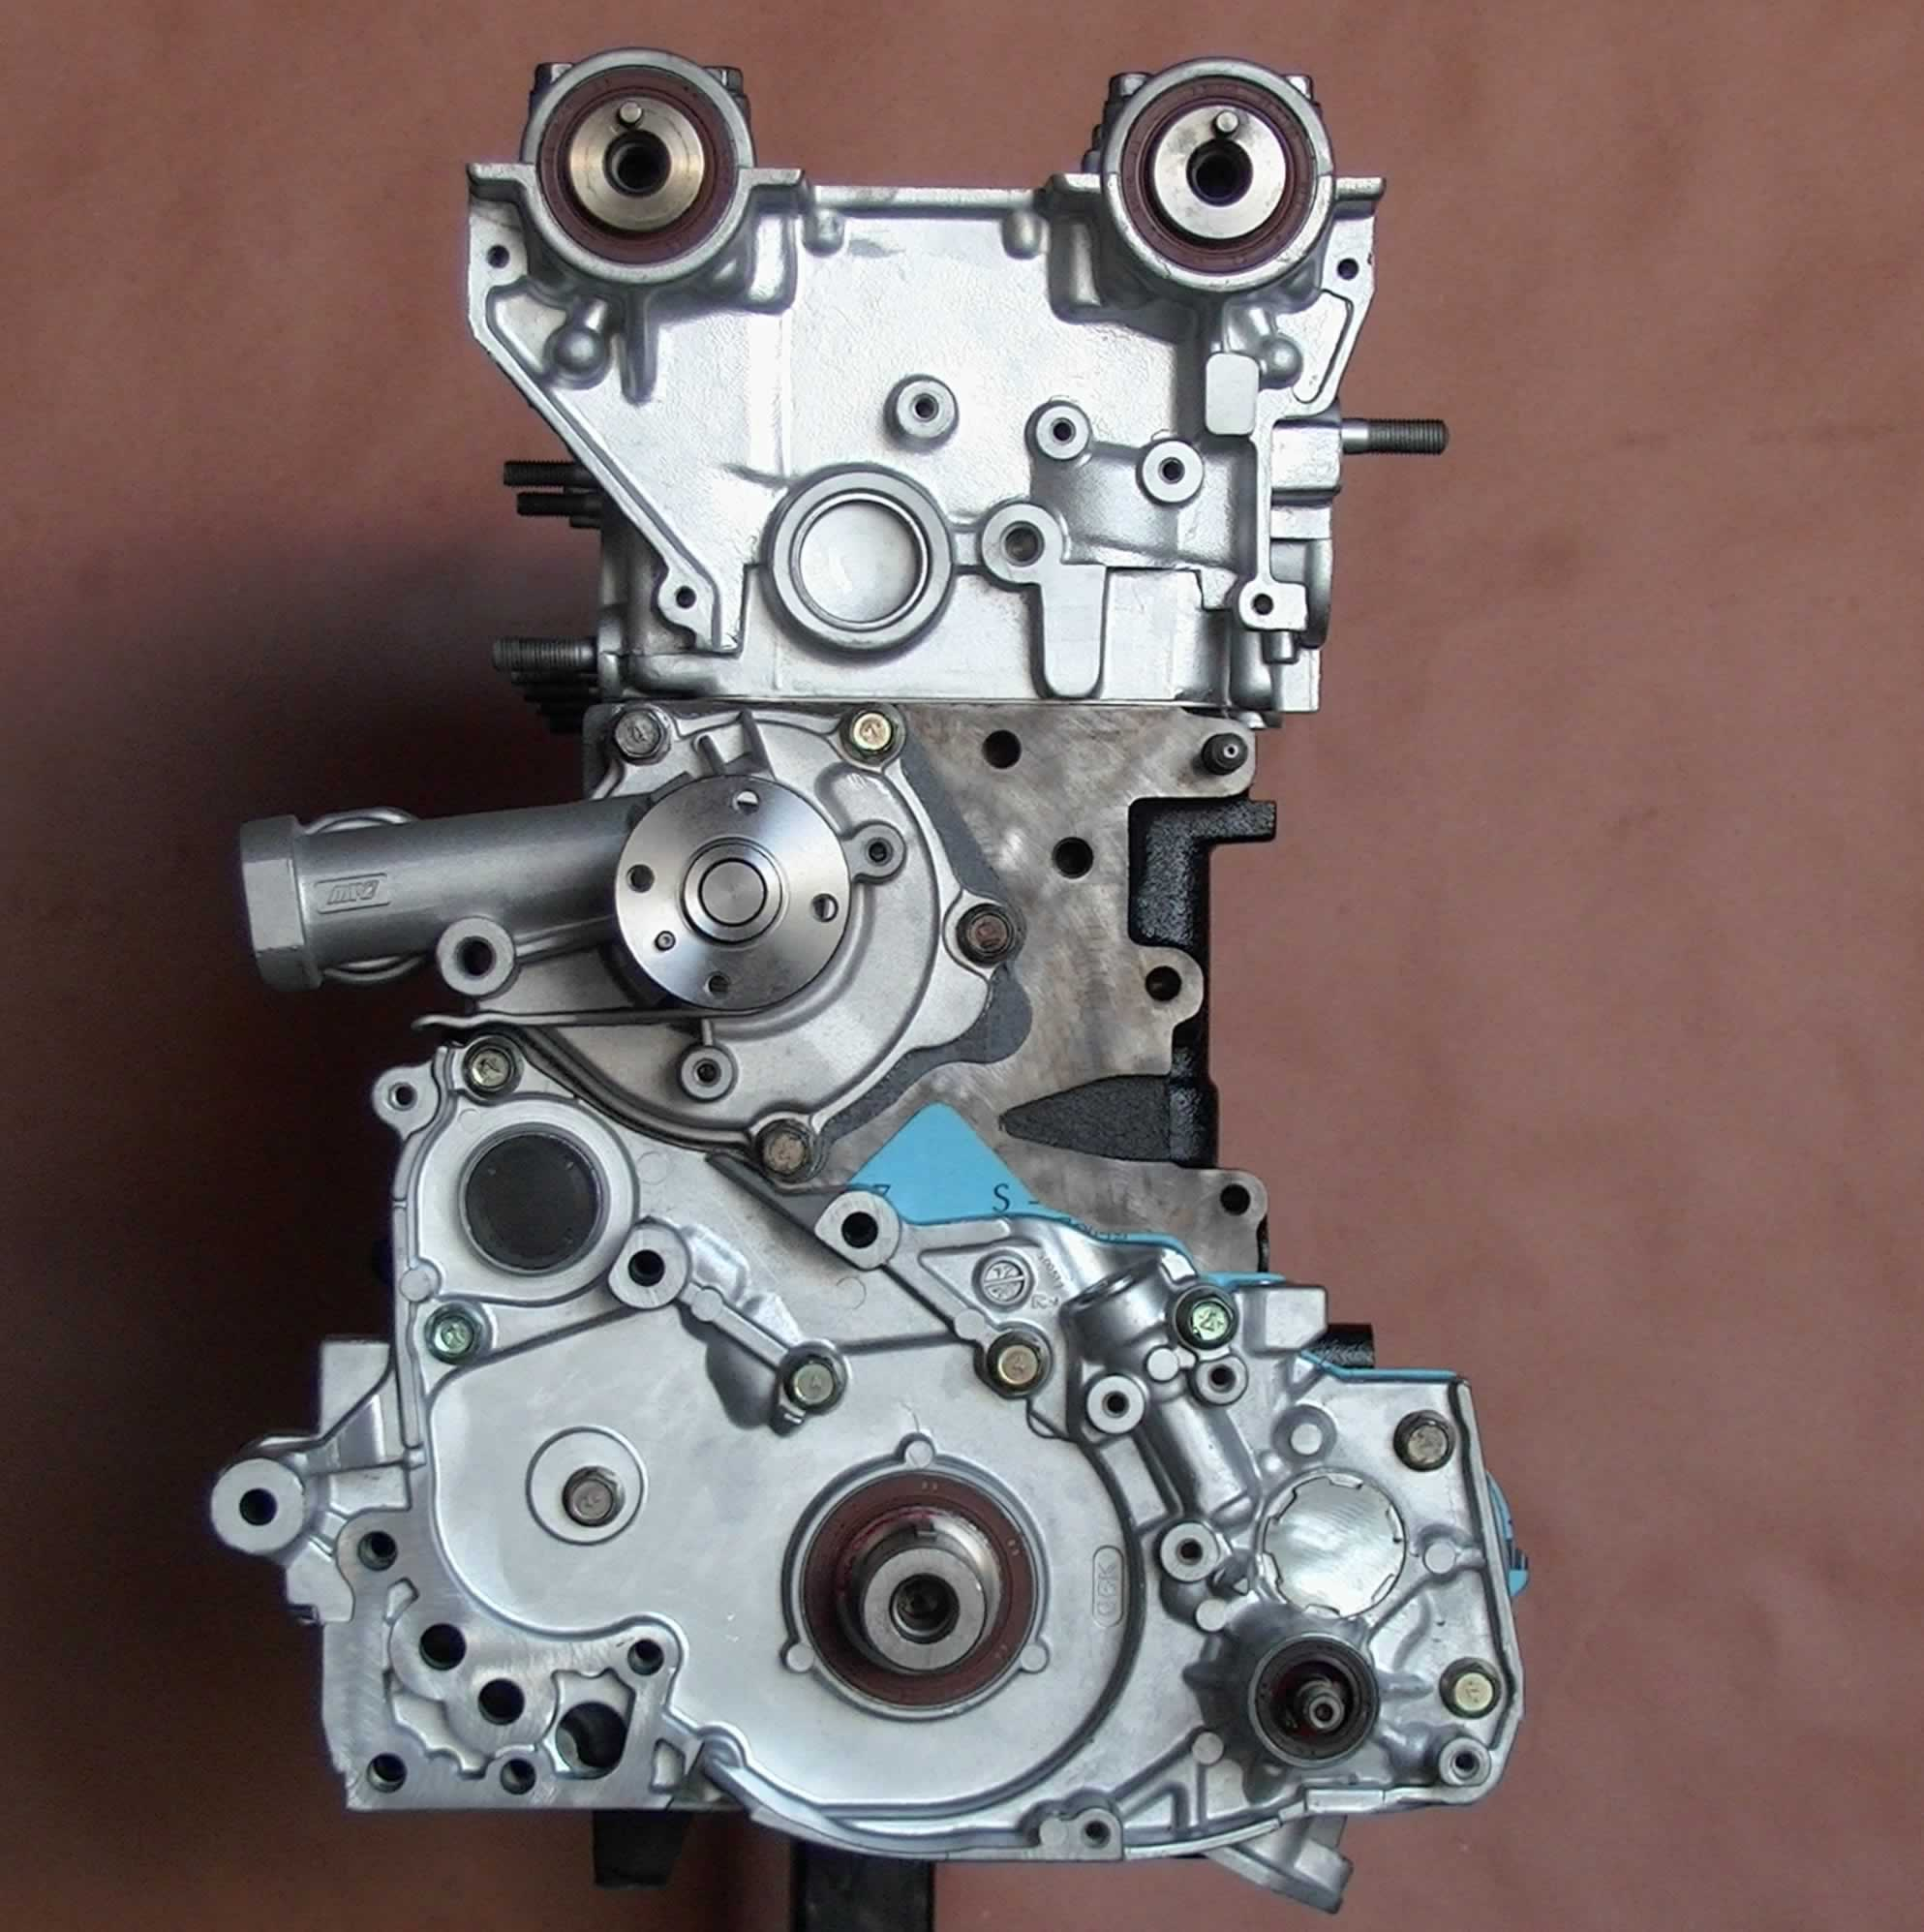 Rebuilt 95 98 Eagle Talon 20L DOHC 4G63 7bolt Turbo Engine